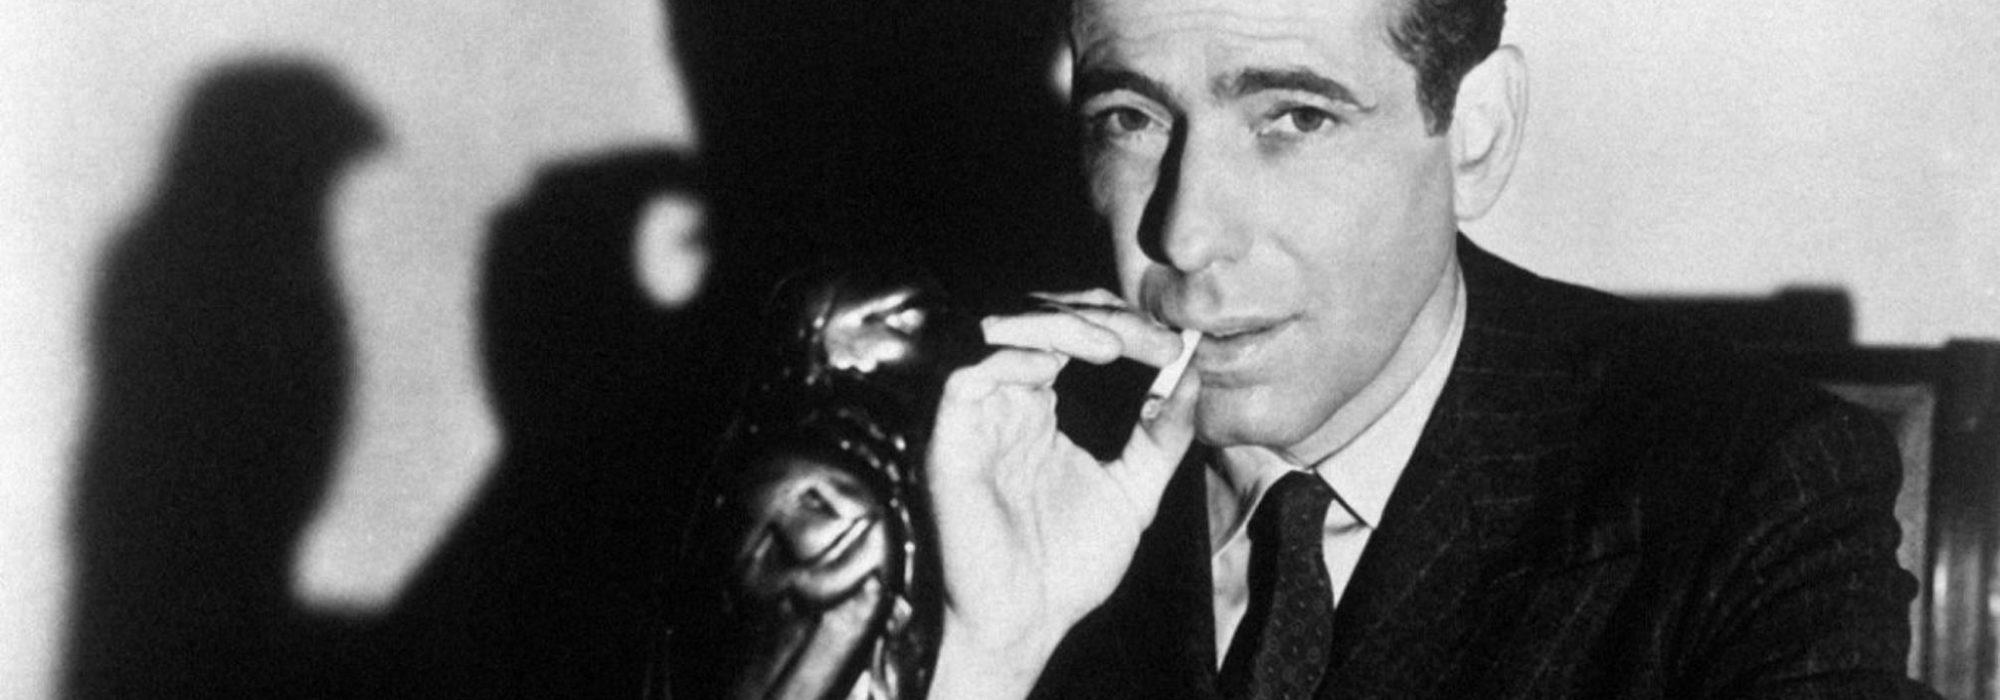 Foto: Humphrey Bogart em O Falcão Maltês